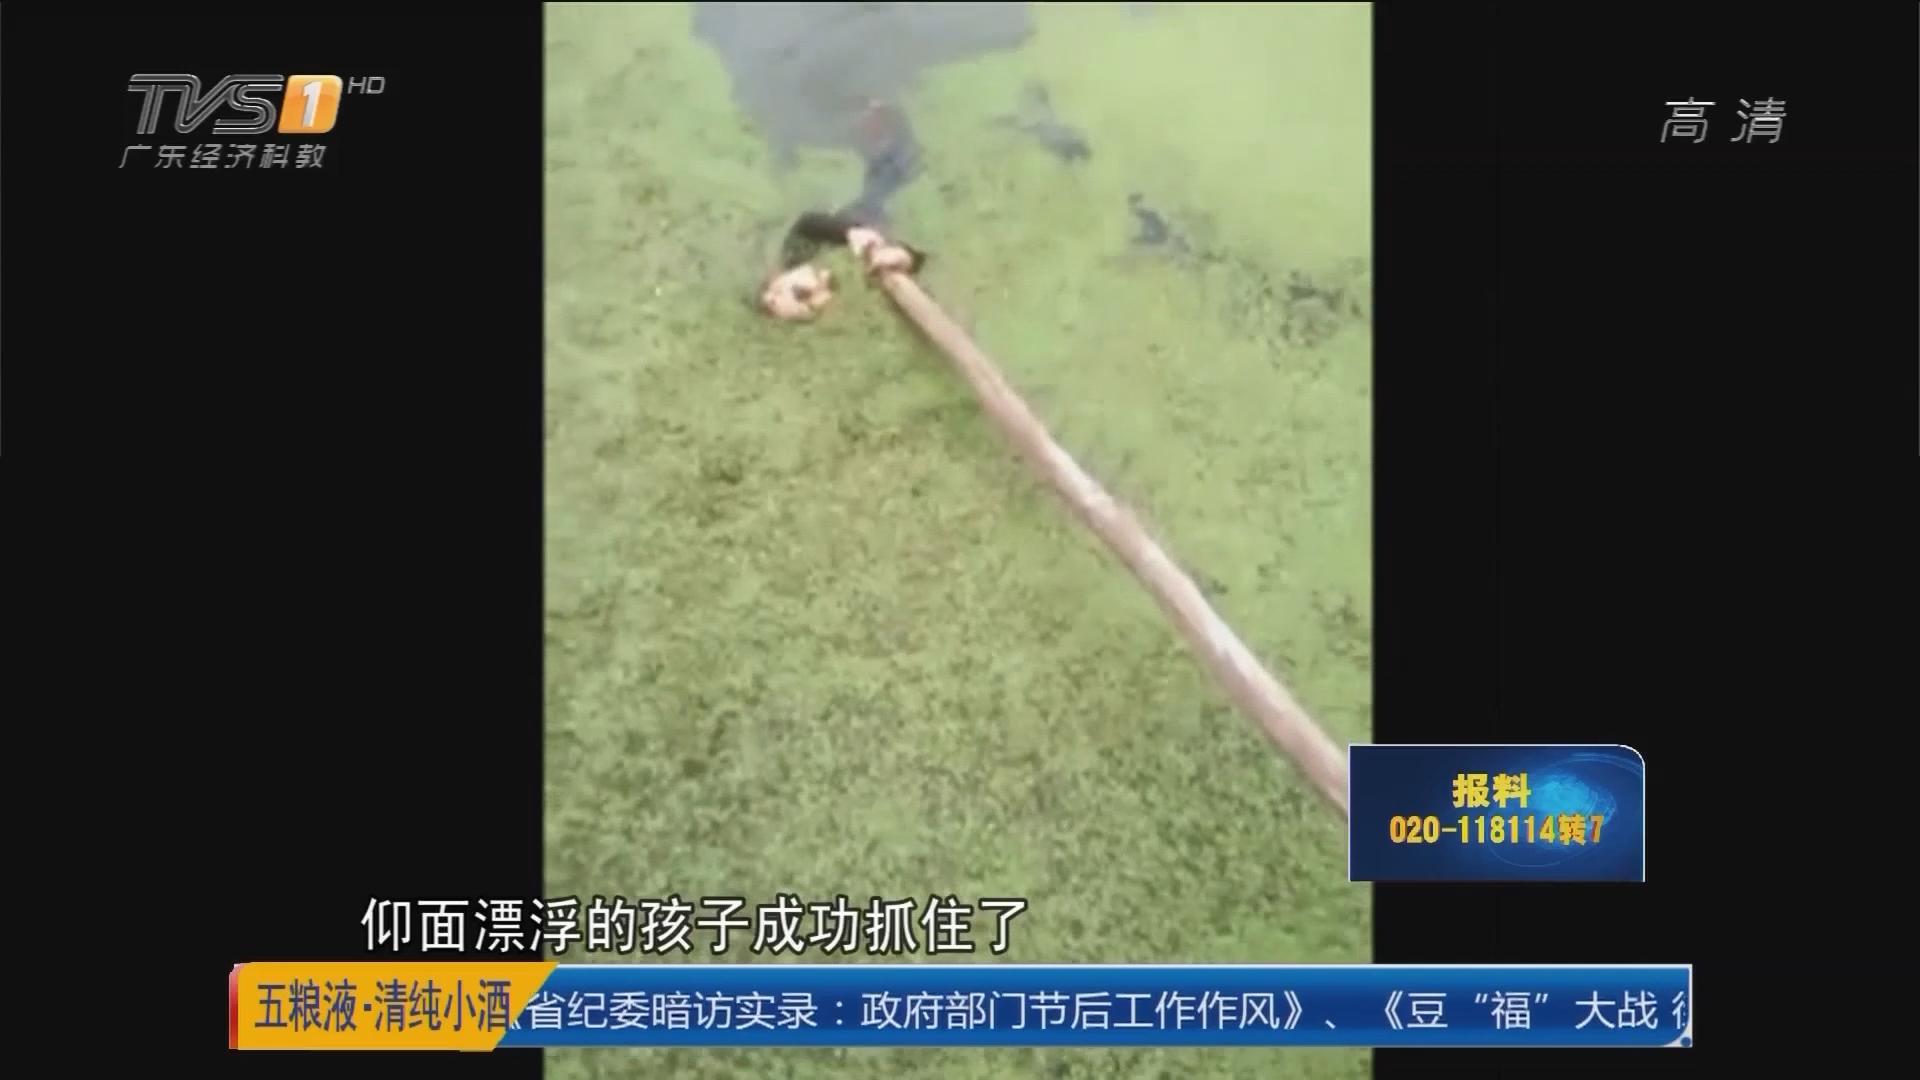 传递正能量:潮州 两幼童溺水 众村民合力救援